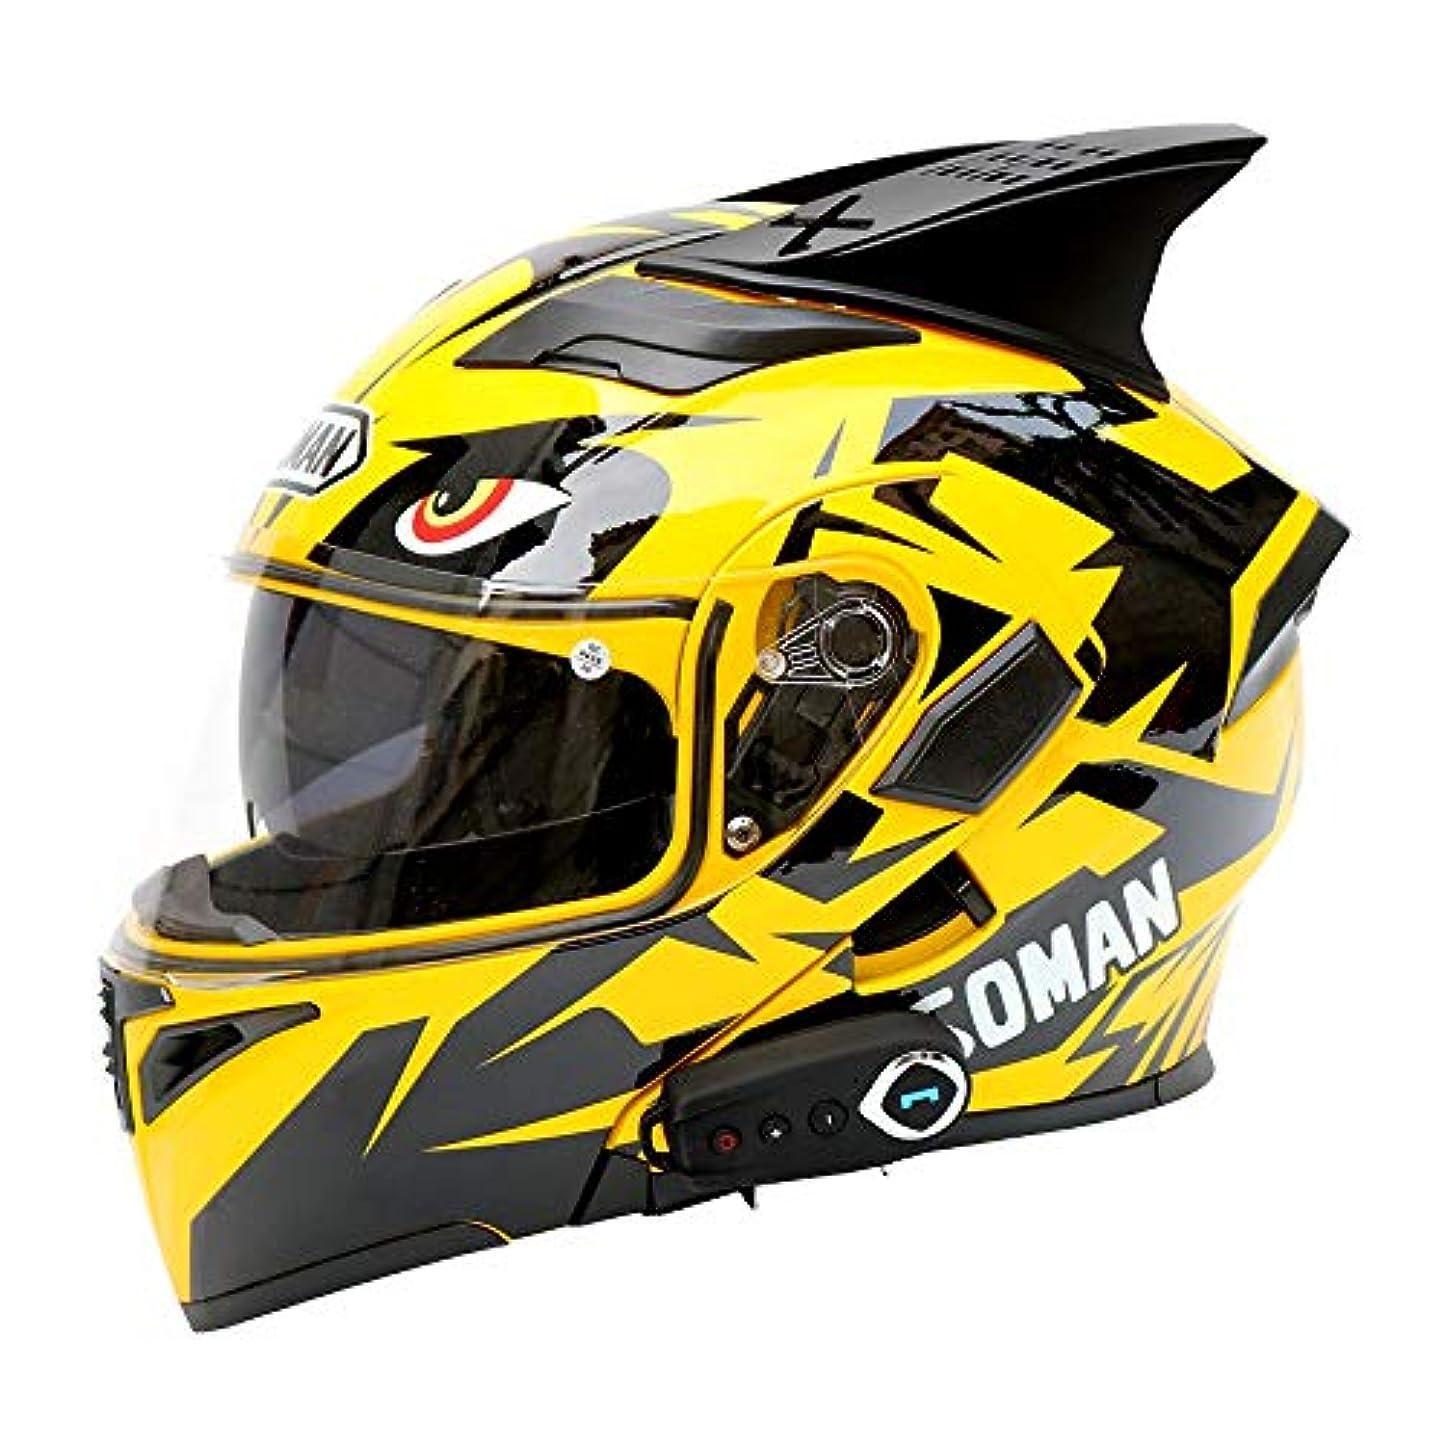 変化ボイドウガンダZXF 電動バイクブルートゥースヘルメットブルートゥースオートバイフルフェイスヘルメットダブルレンズオープンフェイスヘルメットフルフェイスヘルメット快適な通気性ベルトFM付きホーン - イエローブラック - ラージ 安全 (Size : S)